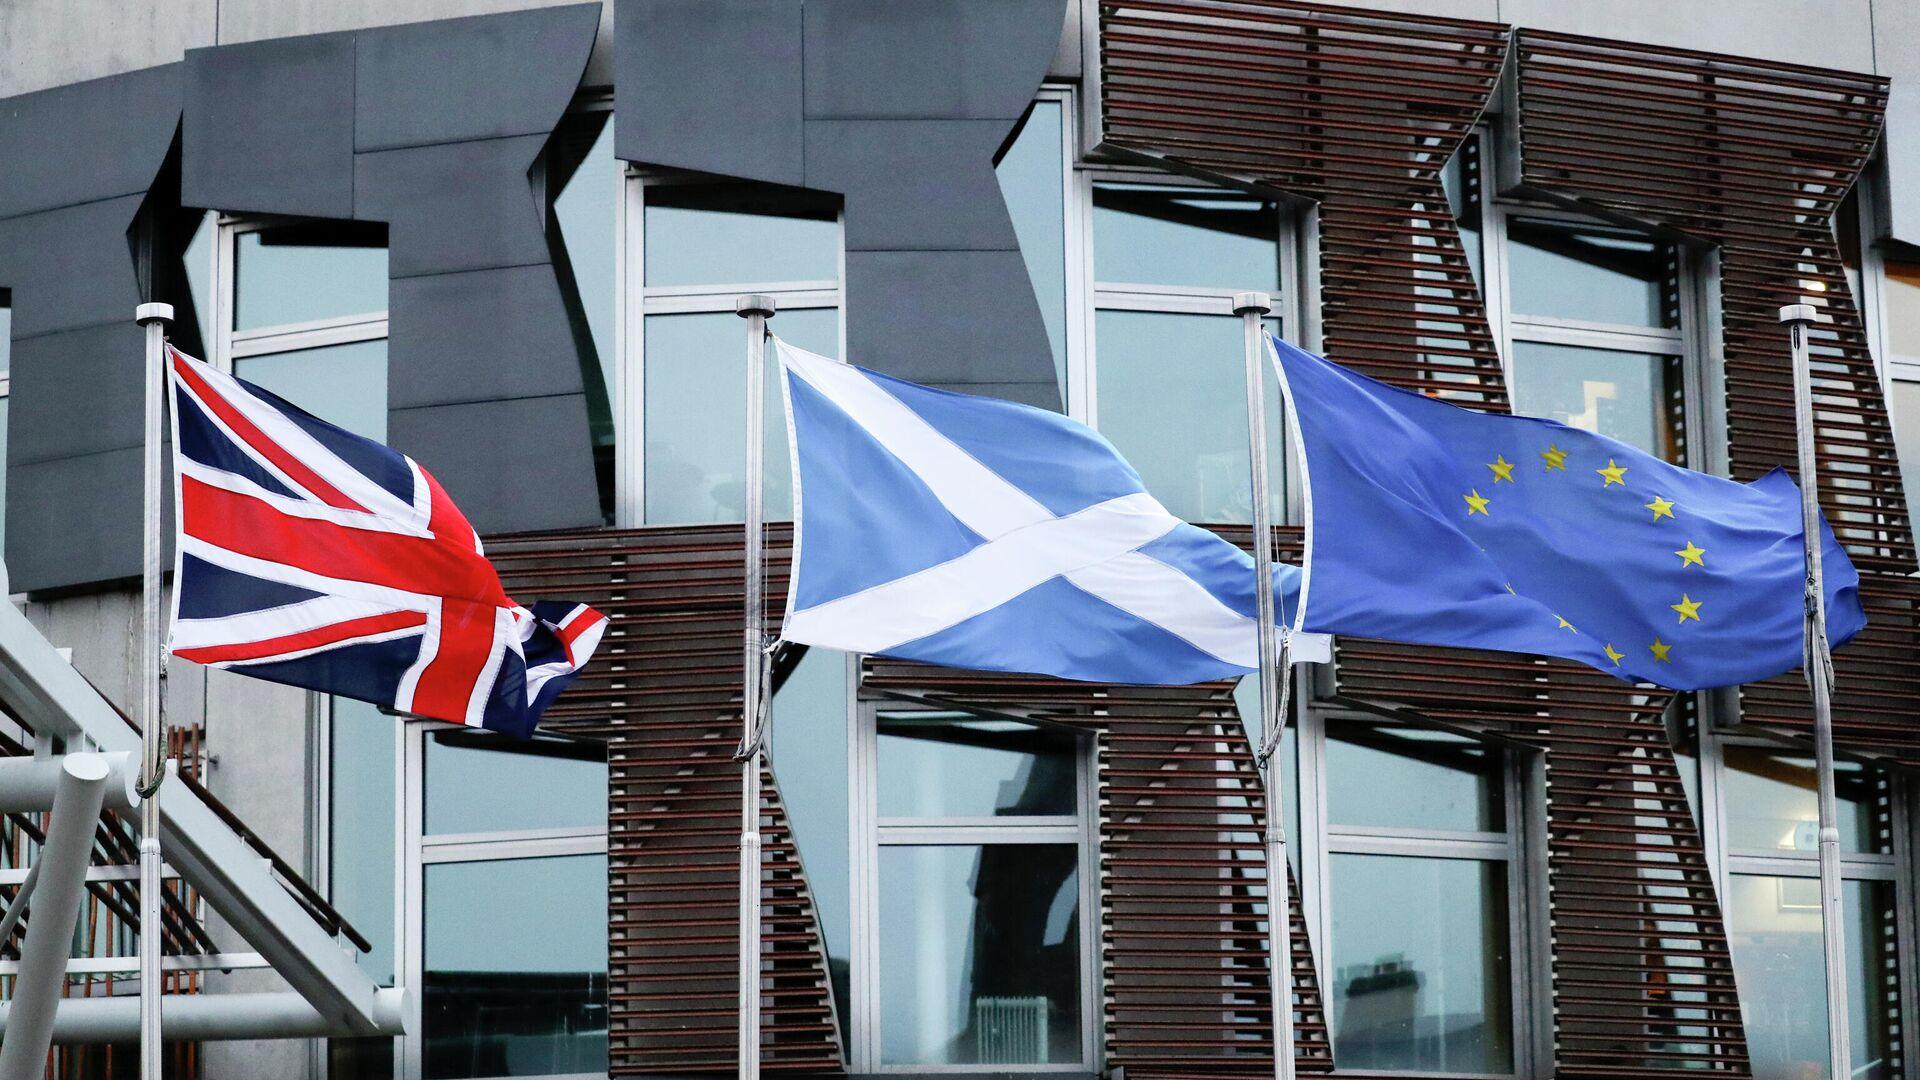 Флаги Великобритании, Шотландии и Евросоюза у здания парламента в Эдинбурге - РИА Новости, 1920, 08.05.2021